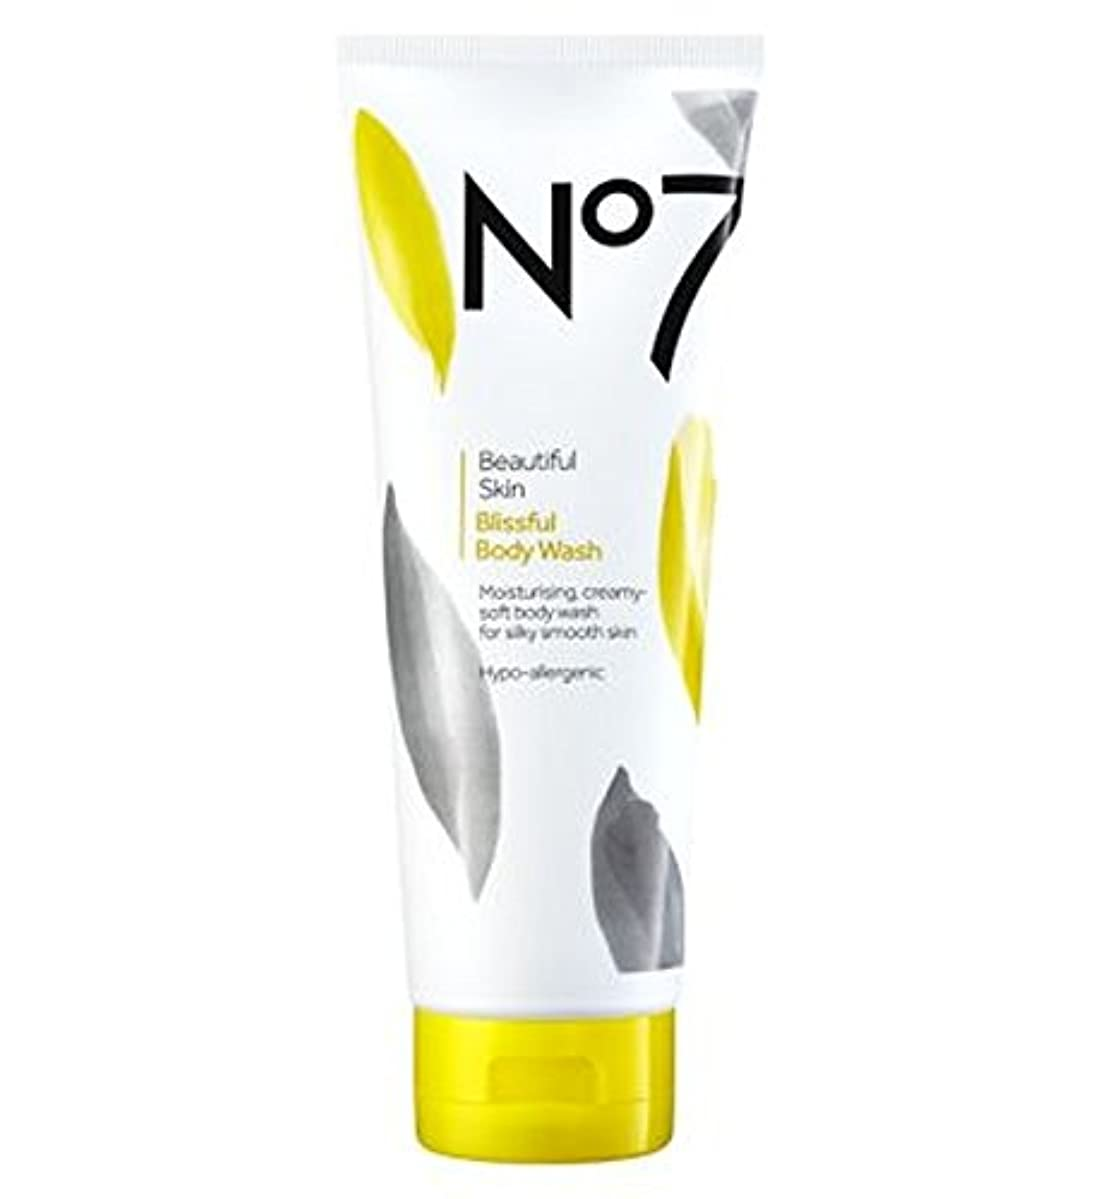 効果繰り返す論理No7 Beautiful Skin Blissful Body Wash - No7美しい肌至福のボディウォッシュ (No7) [並行輸入品]